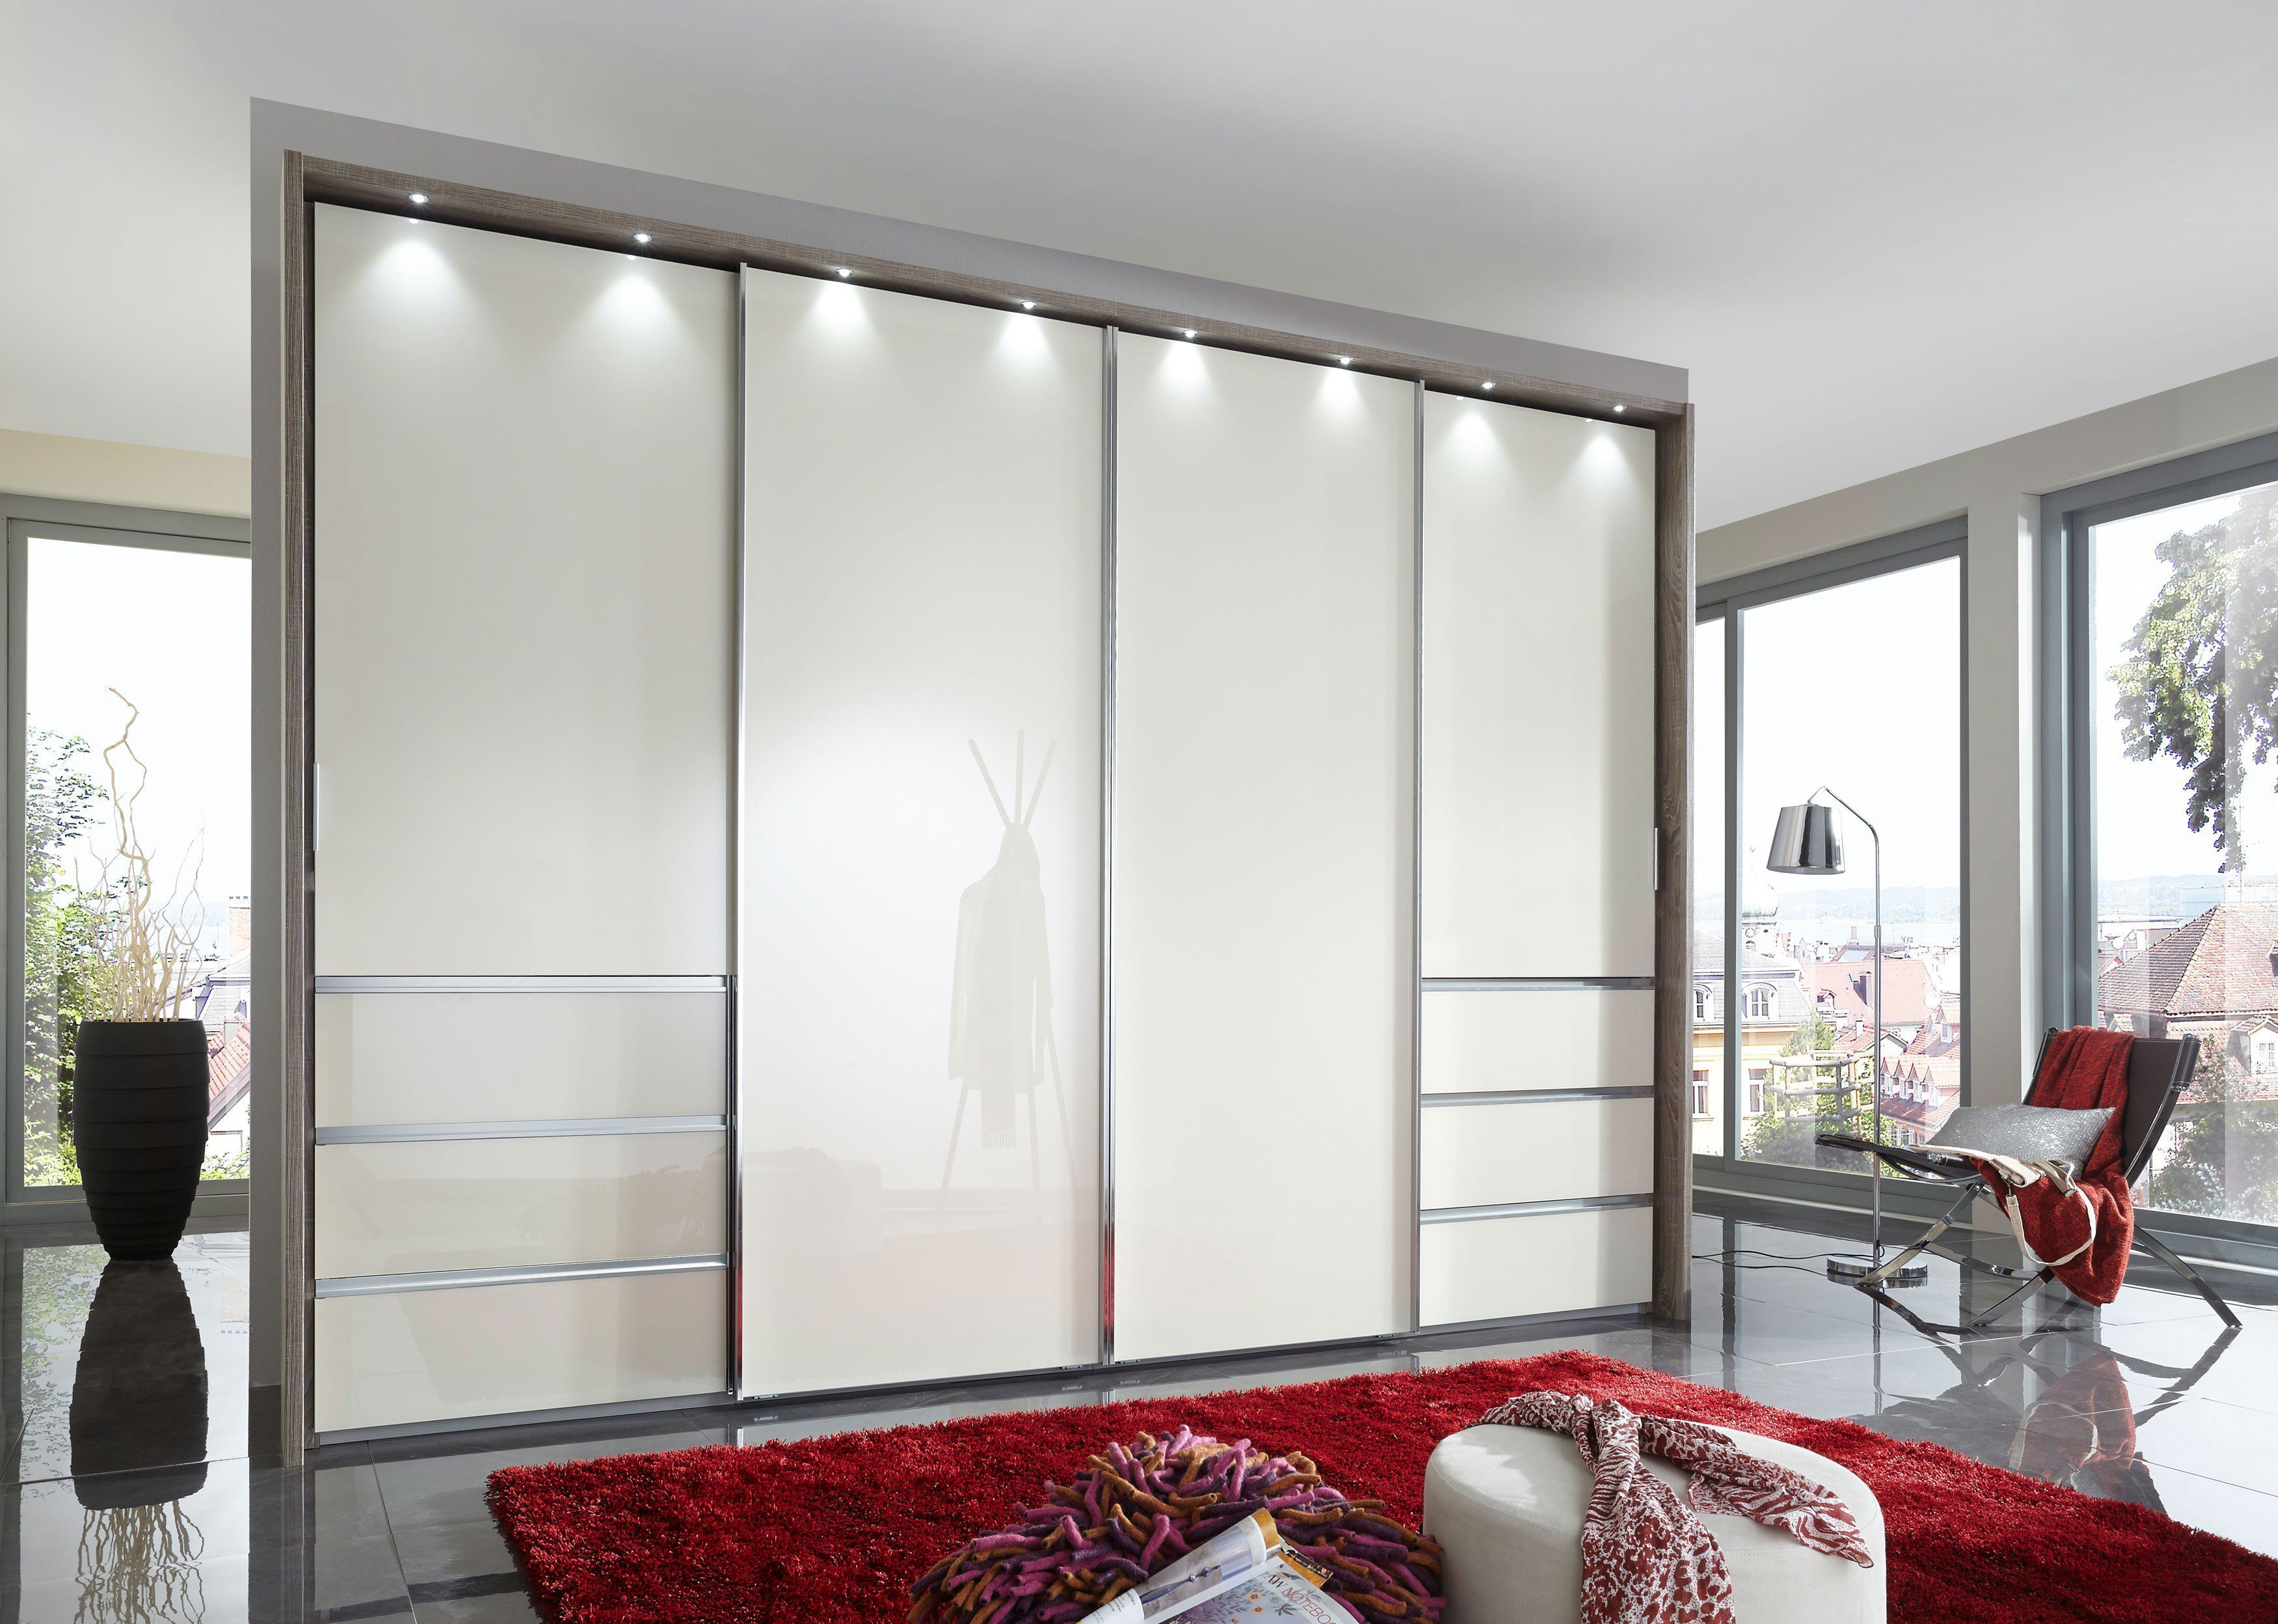 wiemann malibu kleiderschrank 4 t rig m bel letz ihr online shop. Black Bedroom Furniture Sets. Home Design Ideas